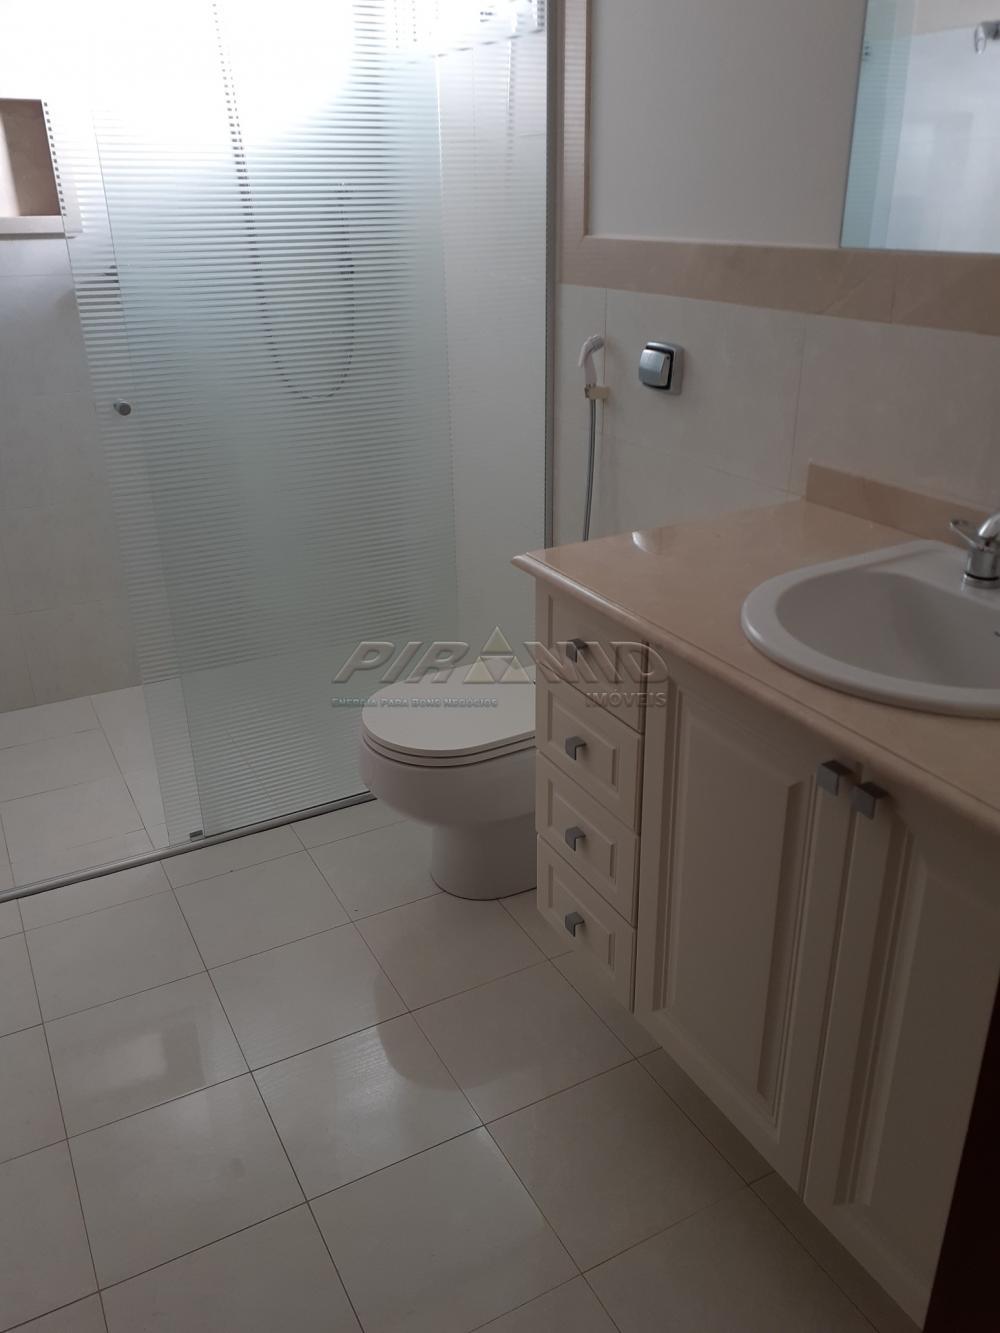 Comprar Casa / Condomínio em Ribeirão Preto apenas R$ 4.800.000,00 - Foto 33